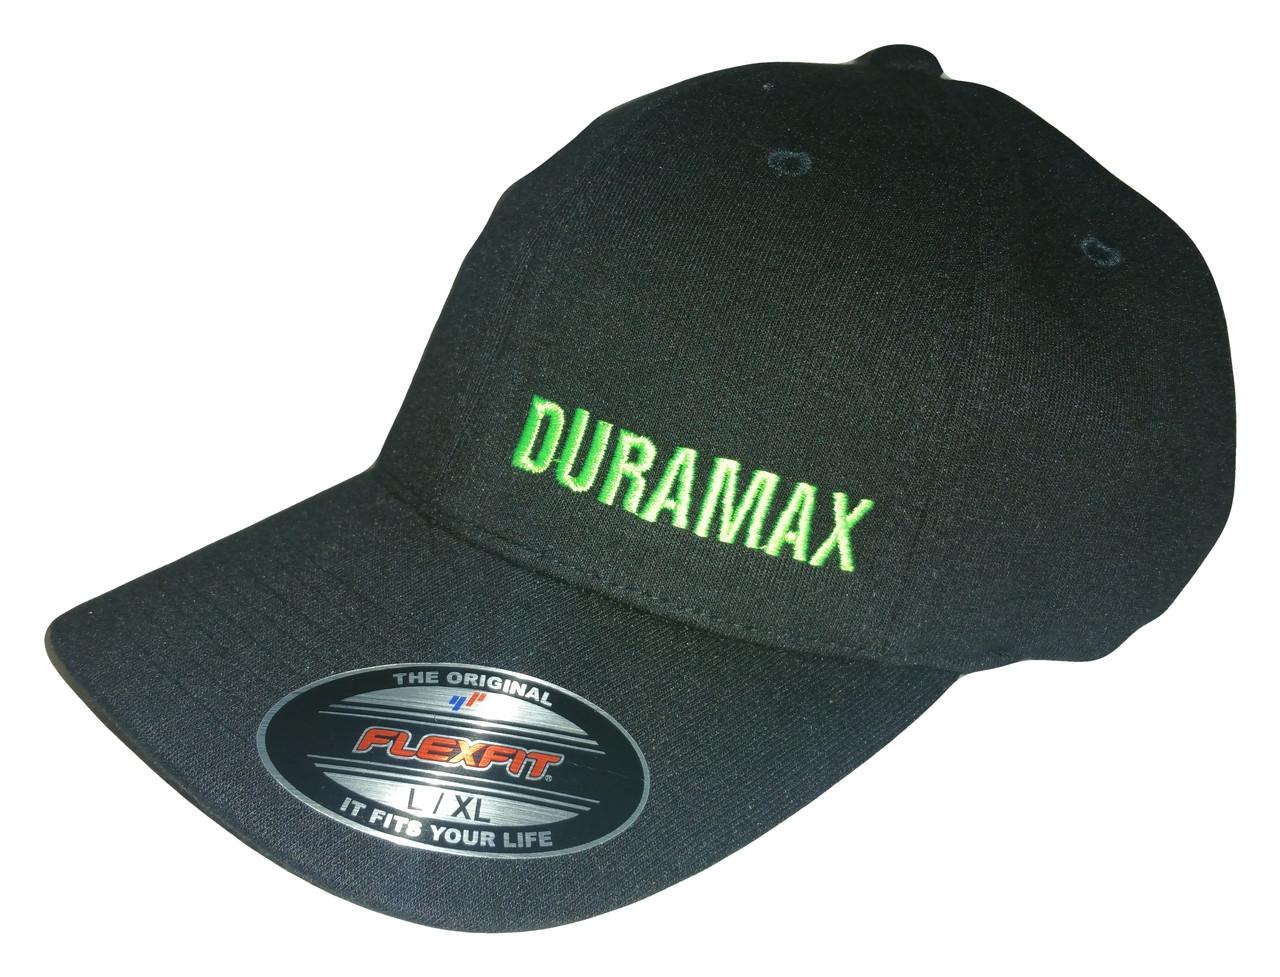 08edd94ff89c0f DuramaxGear | FlexFit Fitted Hat | Duramax | BC13002 - Schreyer ...